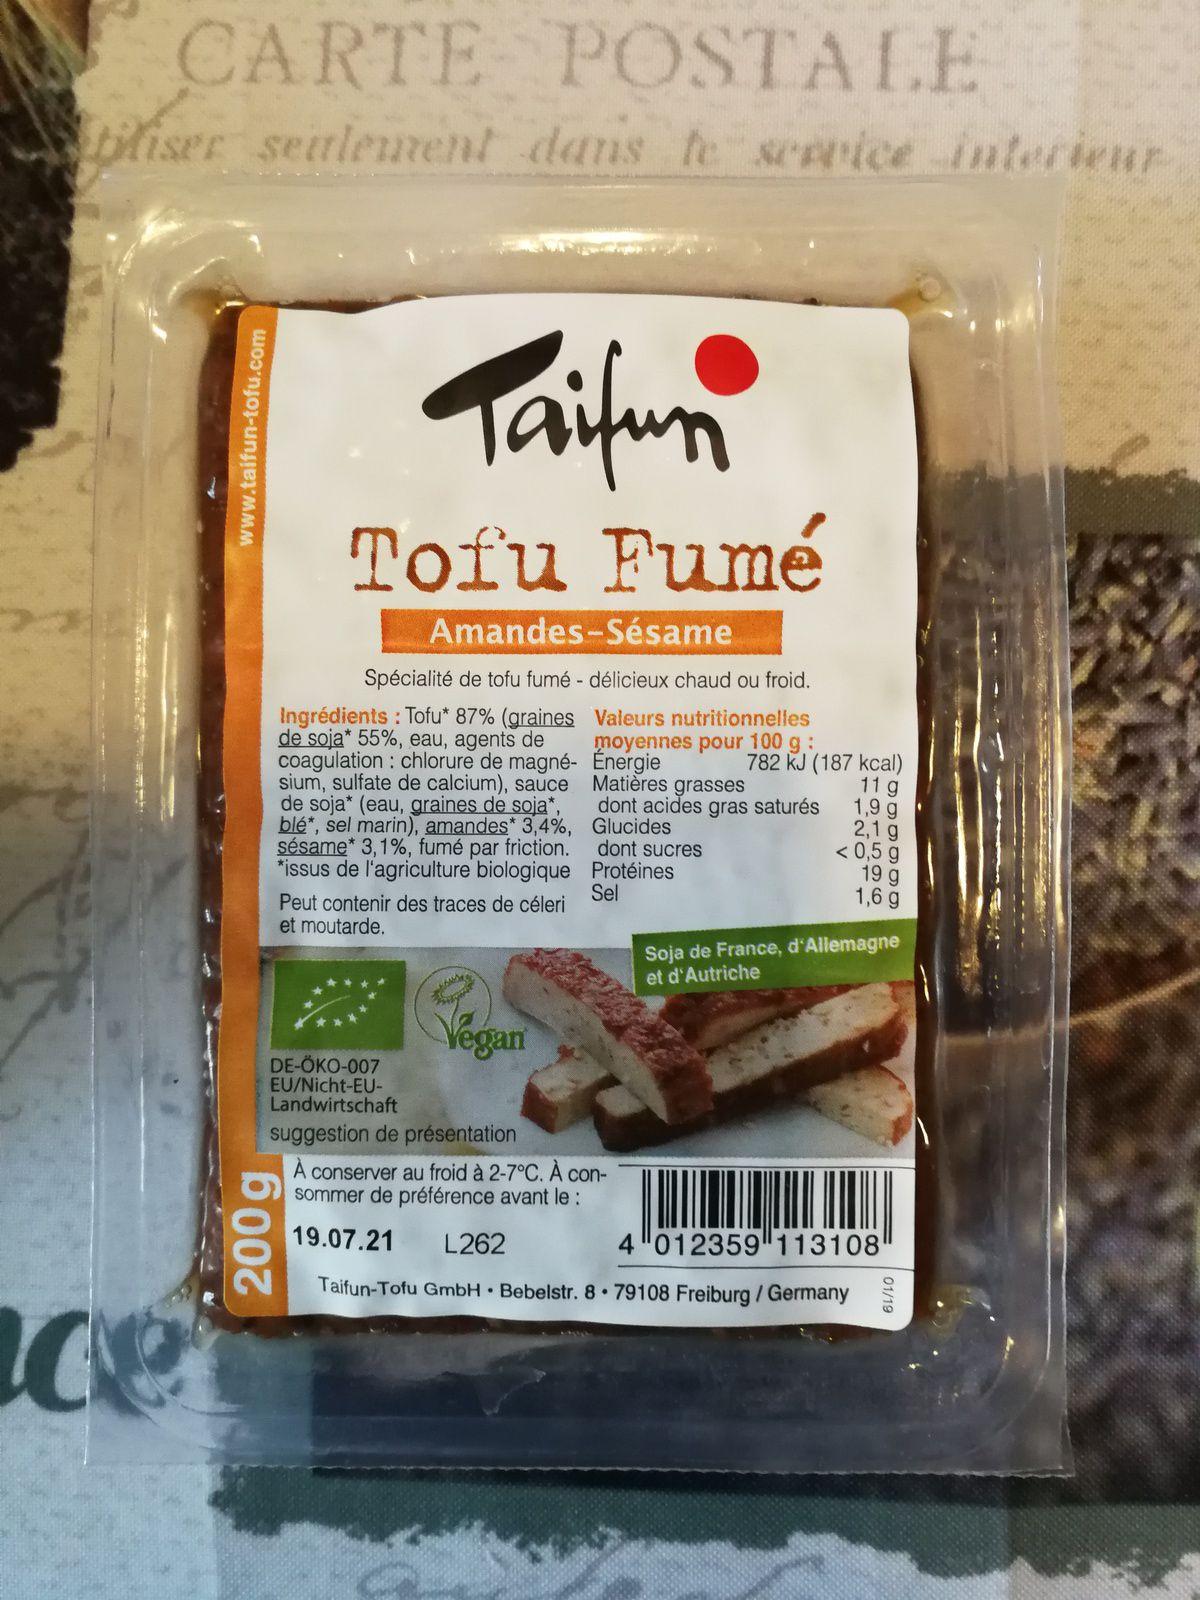 Pâtes aux petits pois, asperges vertes, champignons, tofu fumé & crème amande